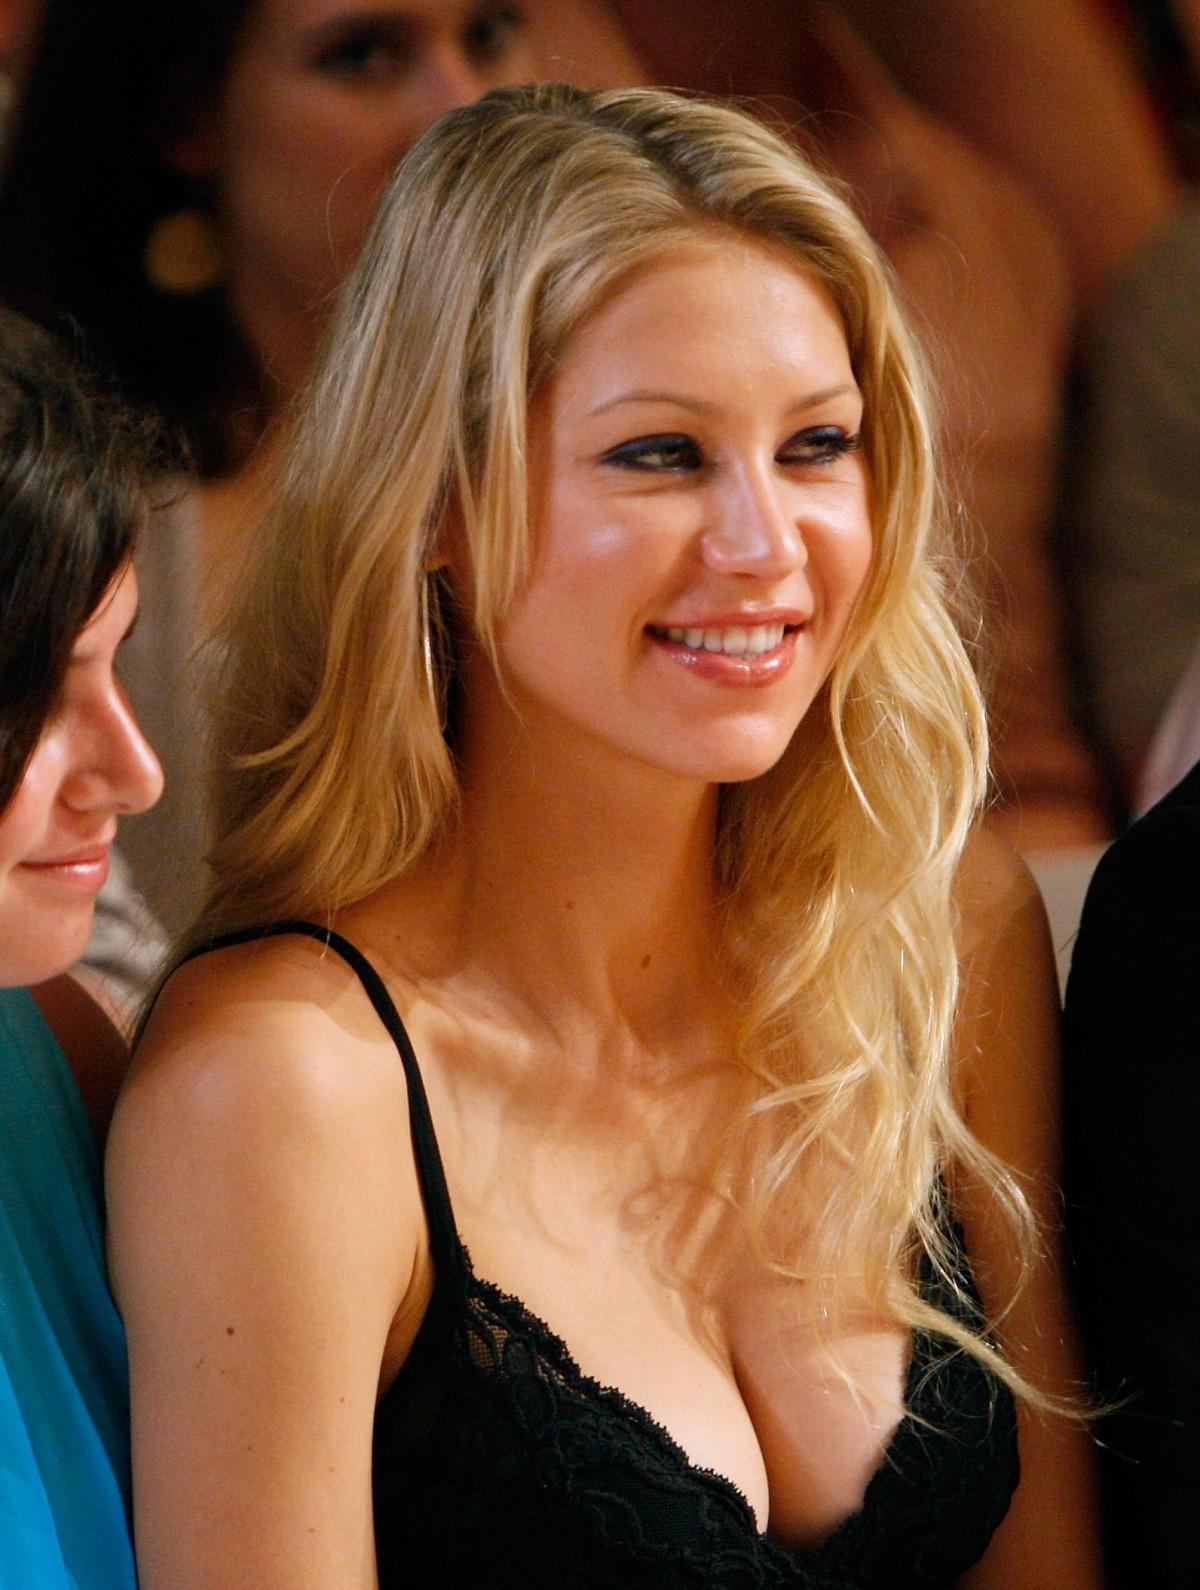 http://4.bp.blogspot.com/-cgnOtHz2FdA/Tc2HHwpwaTI/AAAAAAAADxM/oLdvrbeu7tA/s1600/Anna+Kournikova.jpg